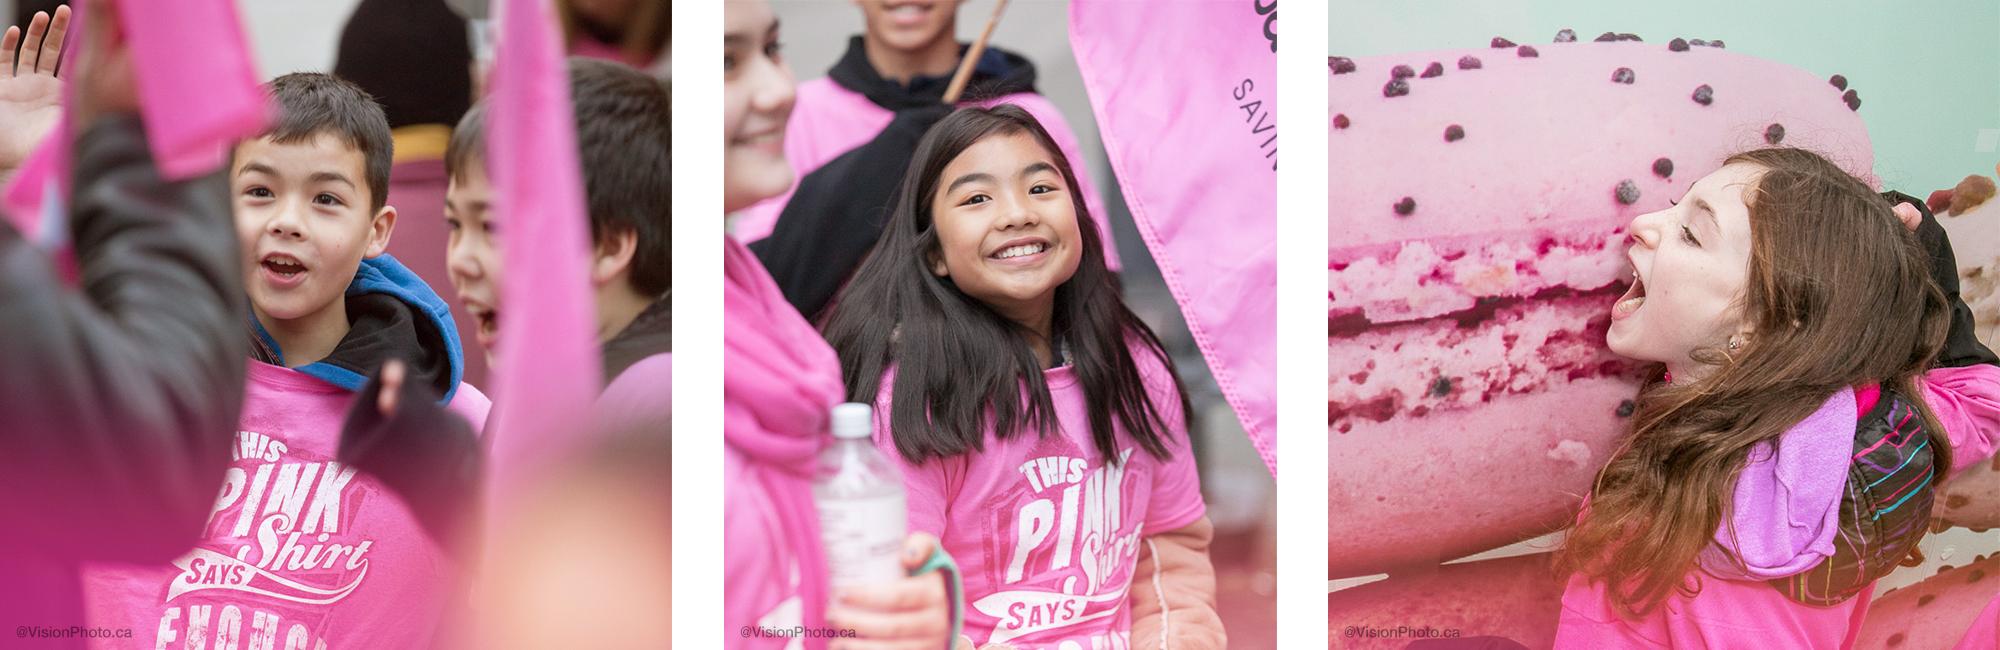 PinkShirtWhereDonationsGo.jpg